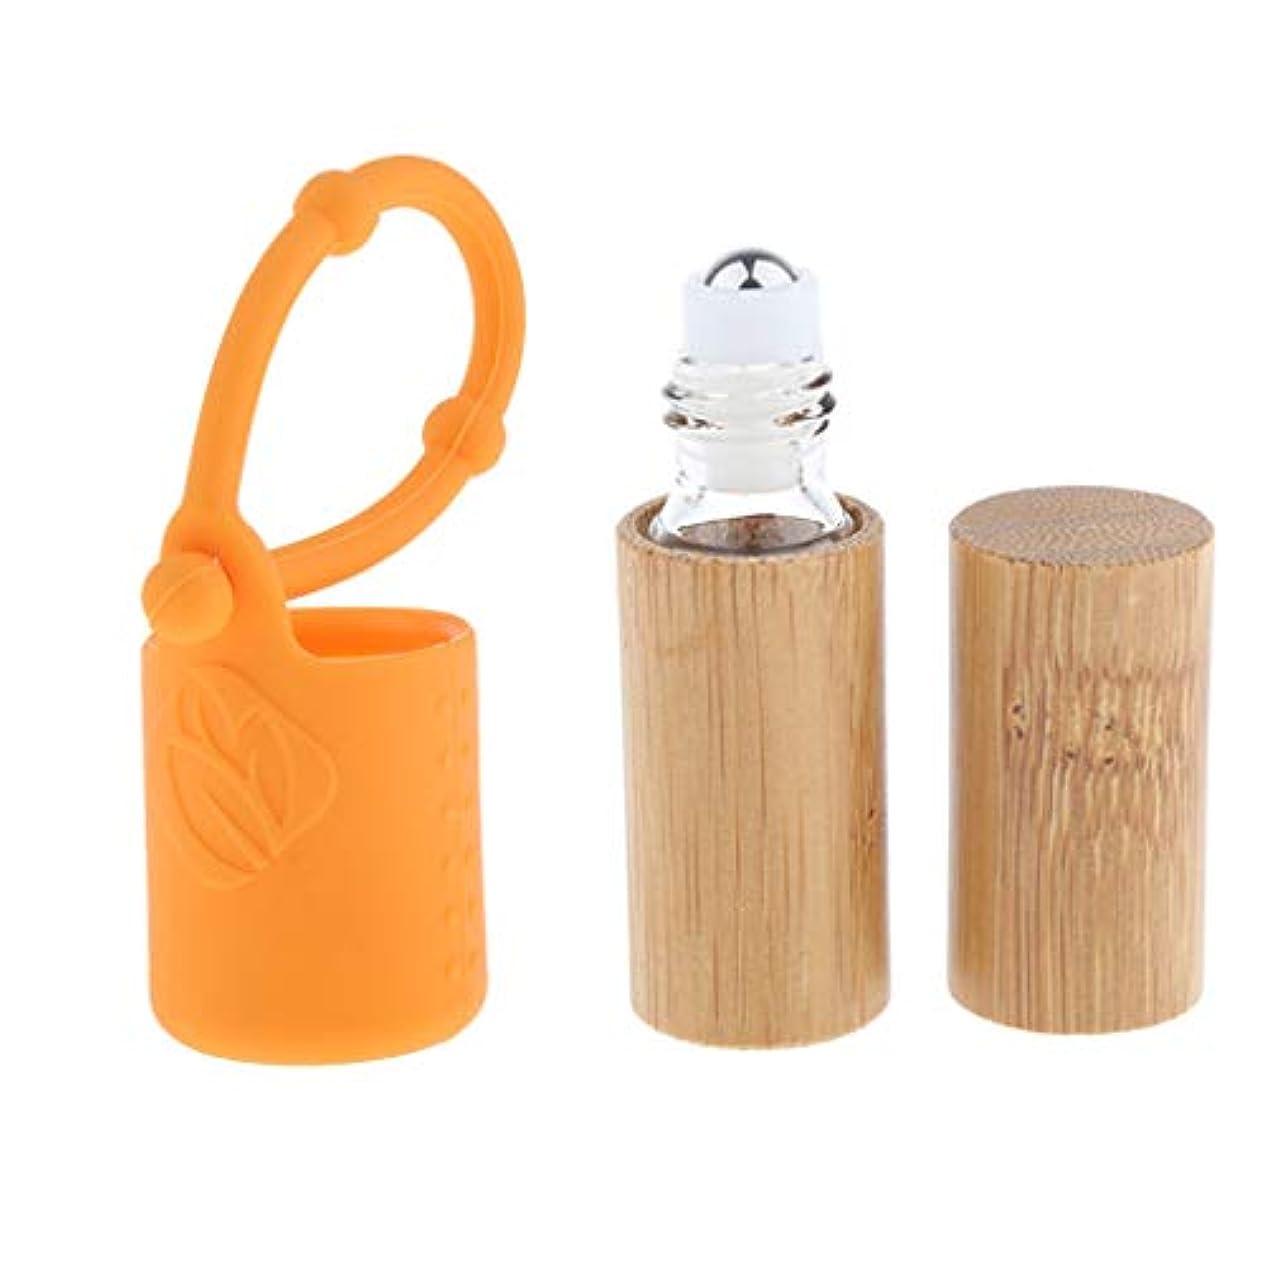 民間周波数個性空のエッセンシャルオイル 精油瓶 香水瓶 竹ボトル 詰め替え カバースリーブ 吊り掛け